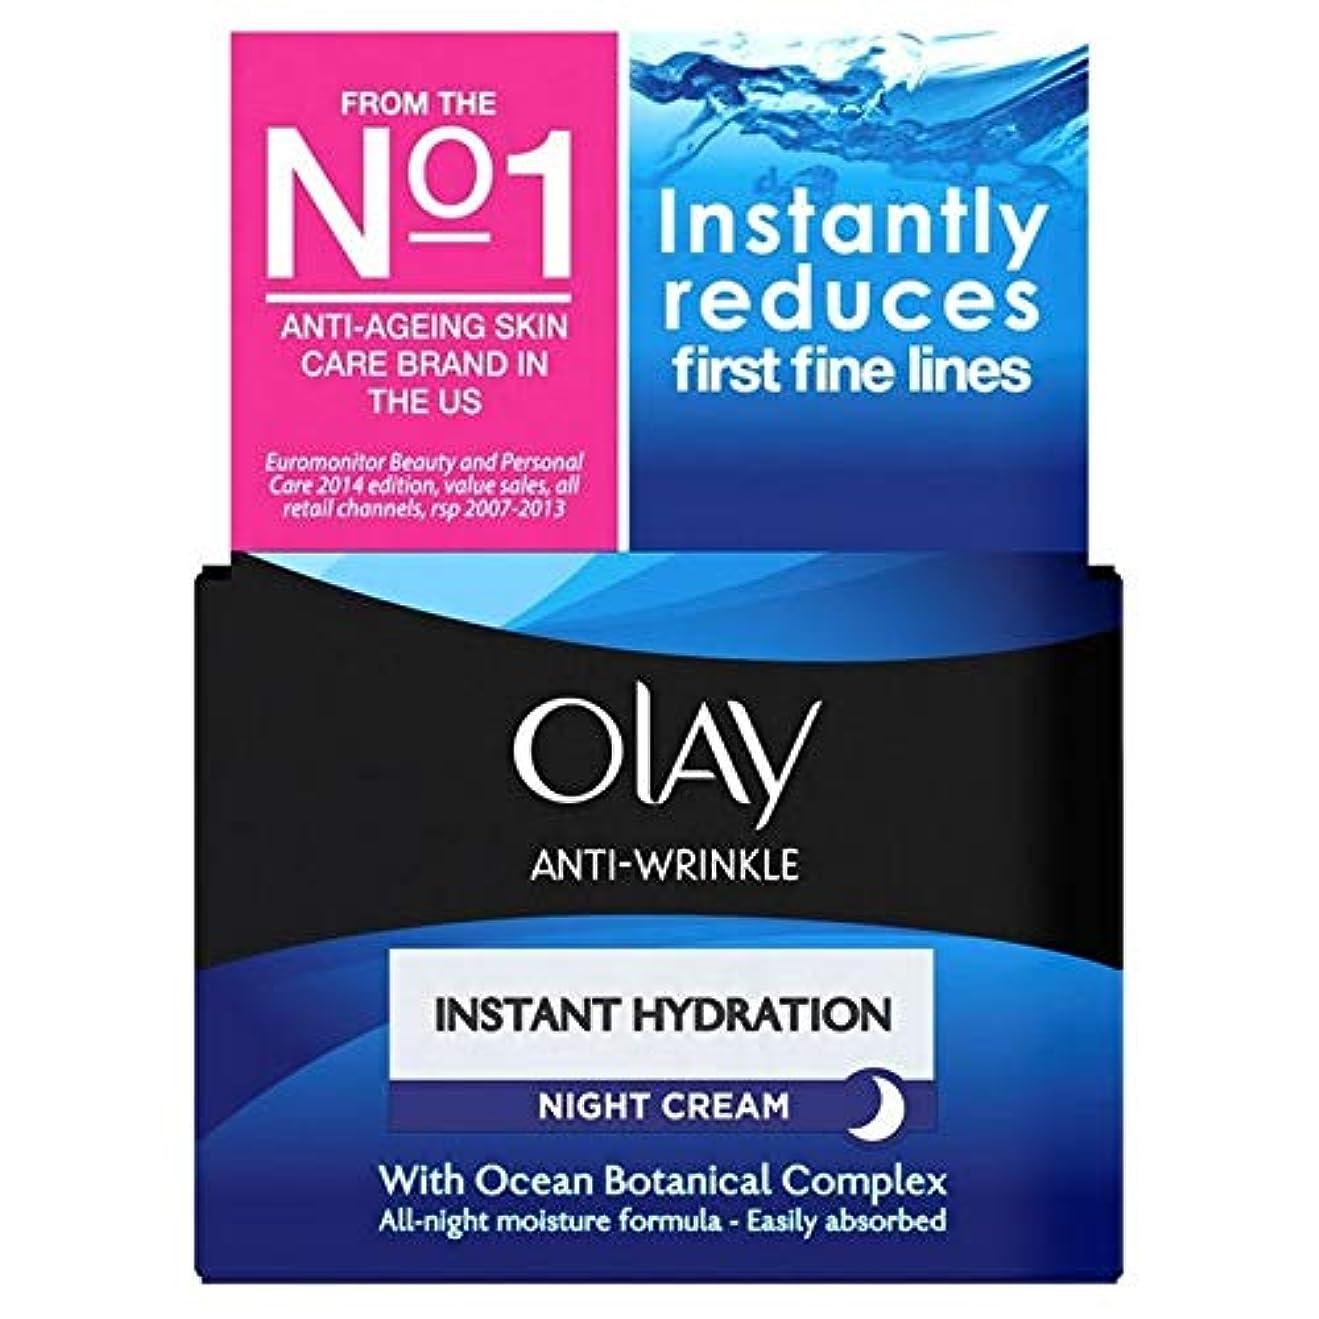 水を飲む誤って直接[Olay ] オーレイ抗しわインスタント水和保湿ナイトクリーム50ミリリットル - Olay Anti-Wrinkle Instant Hydration Moisturiser Night Cream 50ml [並行輸入品]